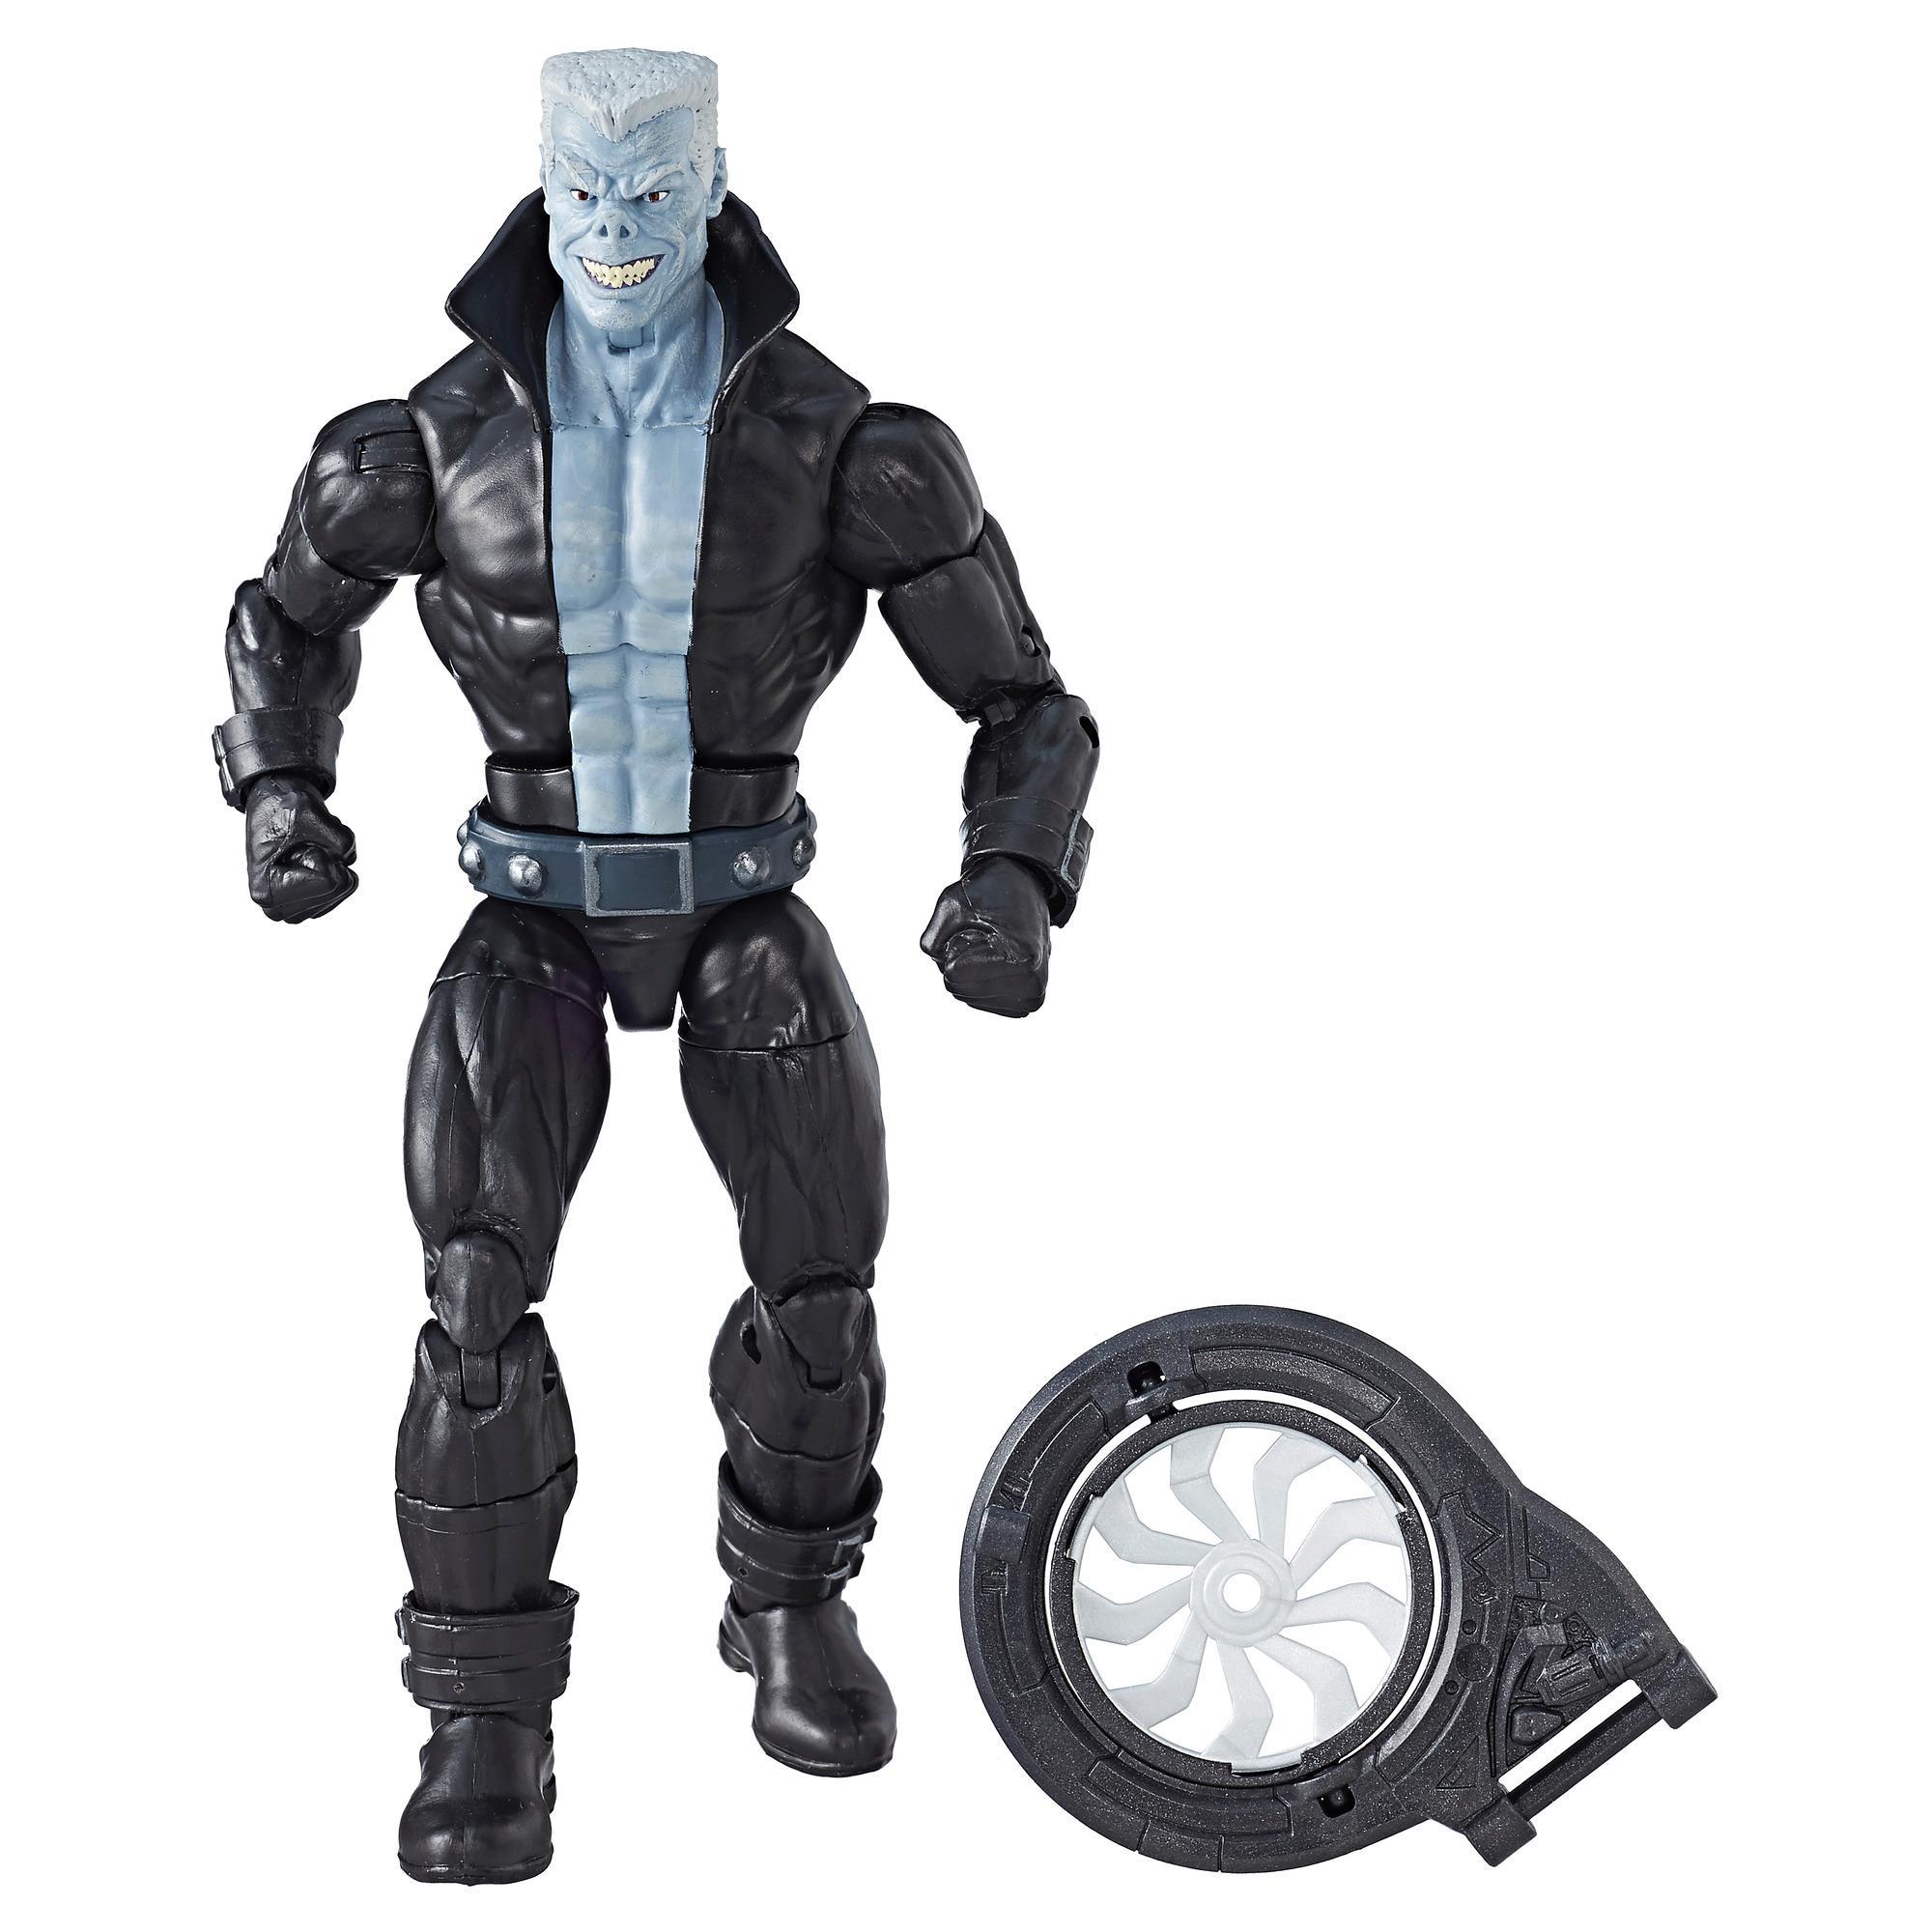 Marvel Spider-Man Legends Series - Sinistres vilains: Figurine Marvel's Tombstone de 15 cm